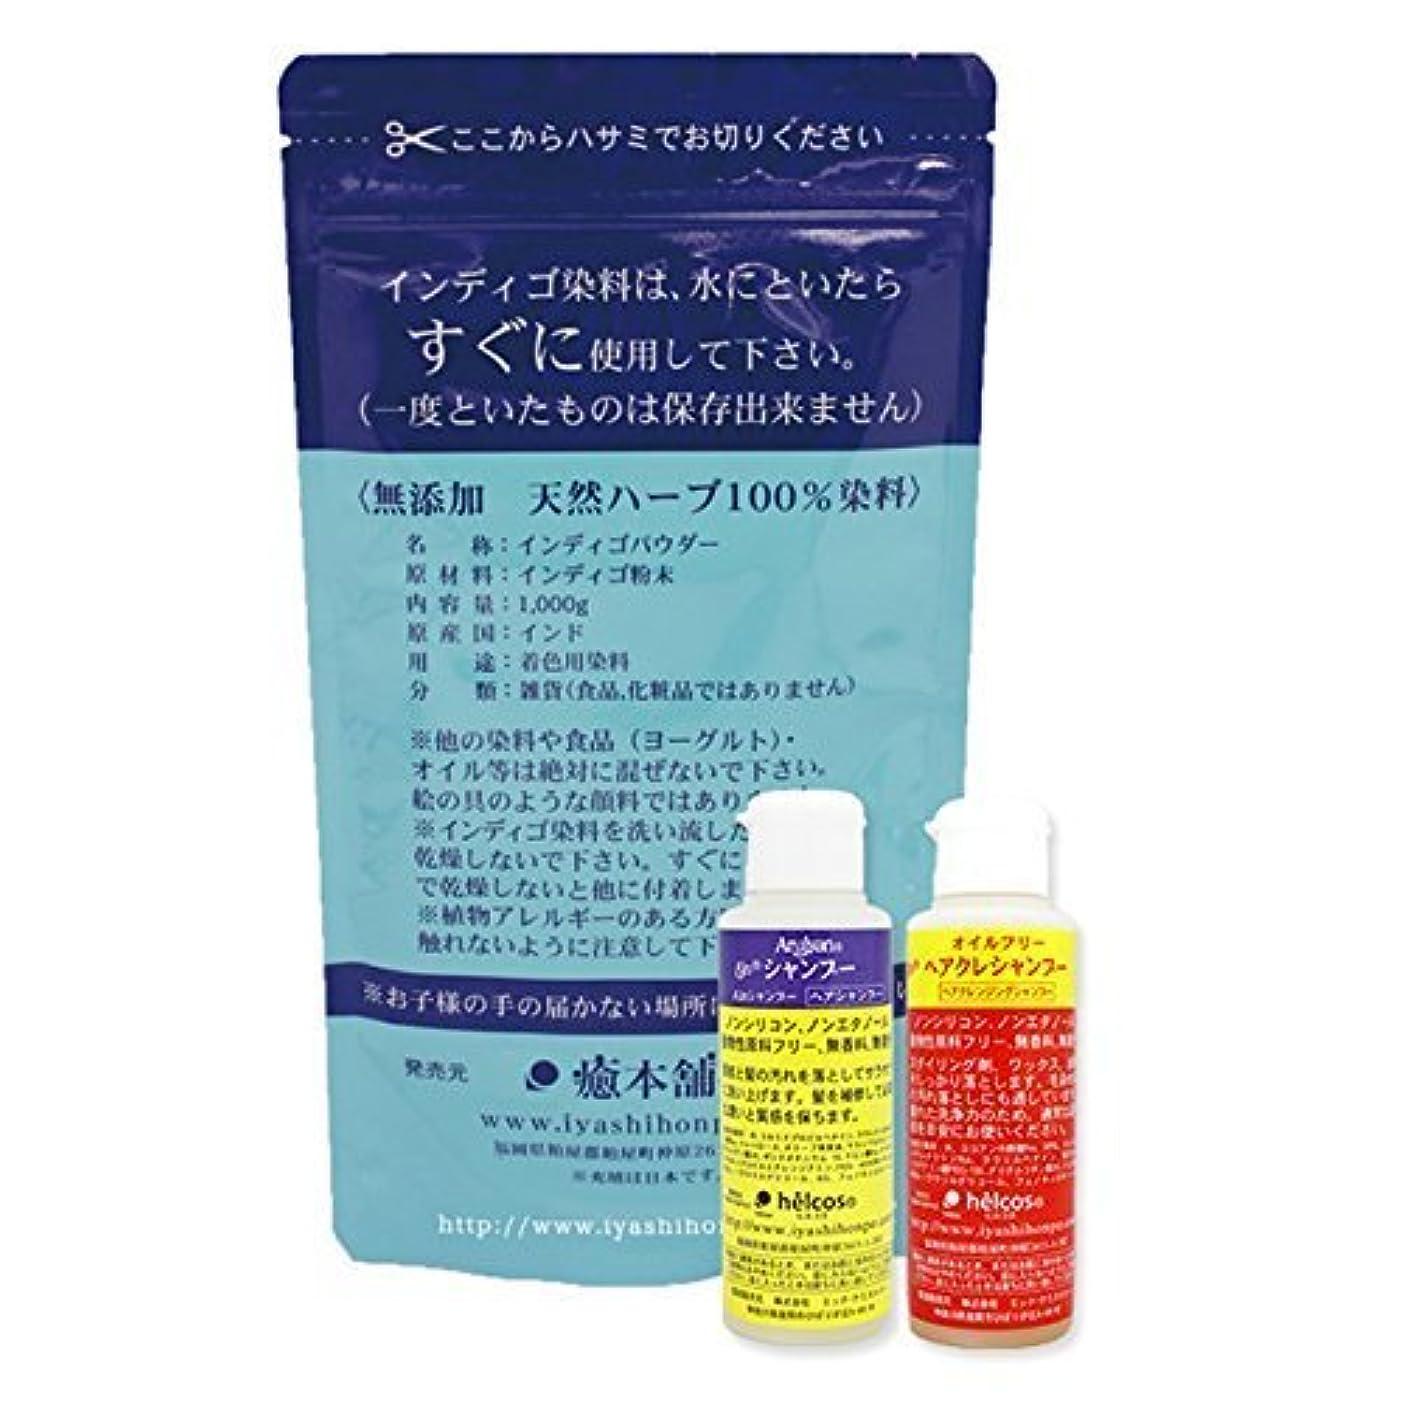 膨らみ海峡完全に乾く白髪染め インディゴ(天然染料100%) 1kg+シャンプー2種セット 癒本舗